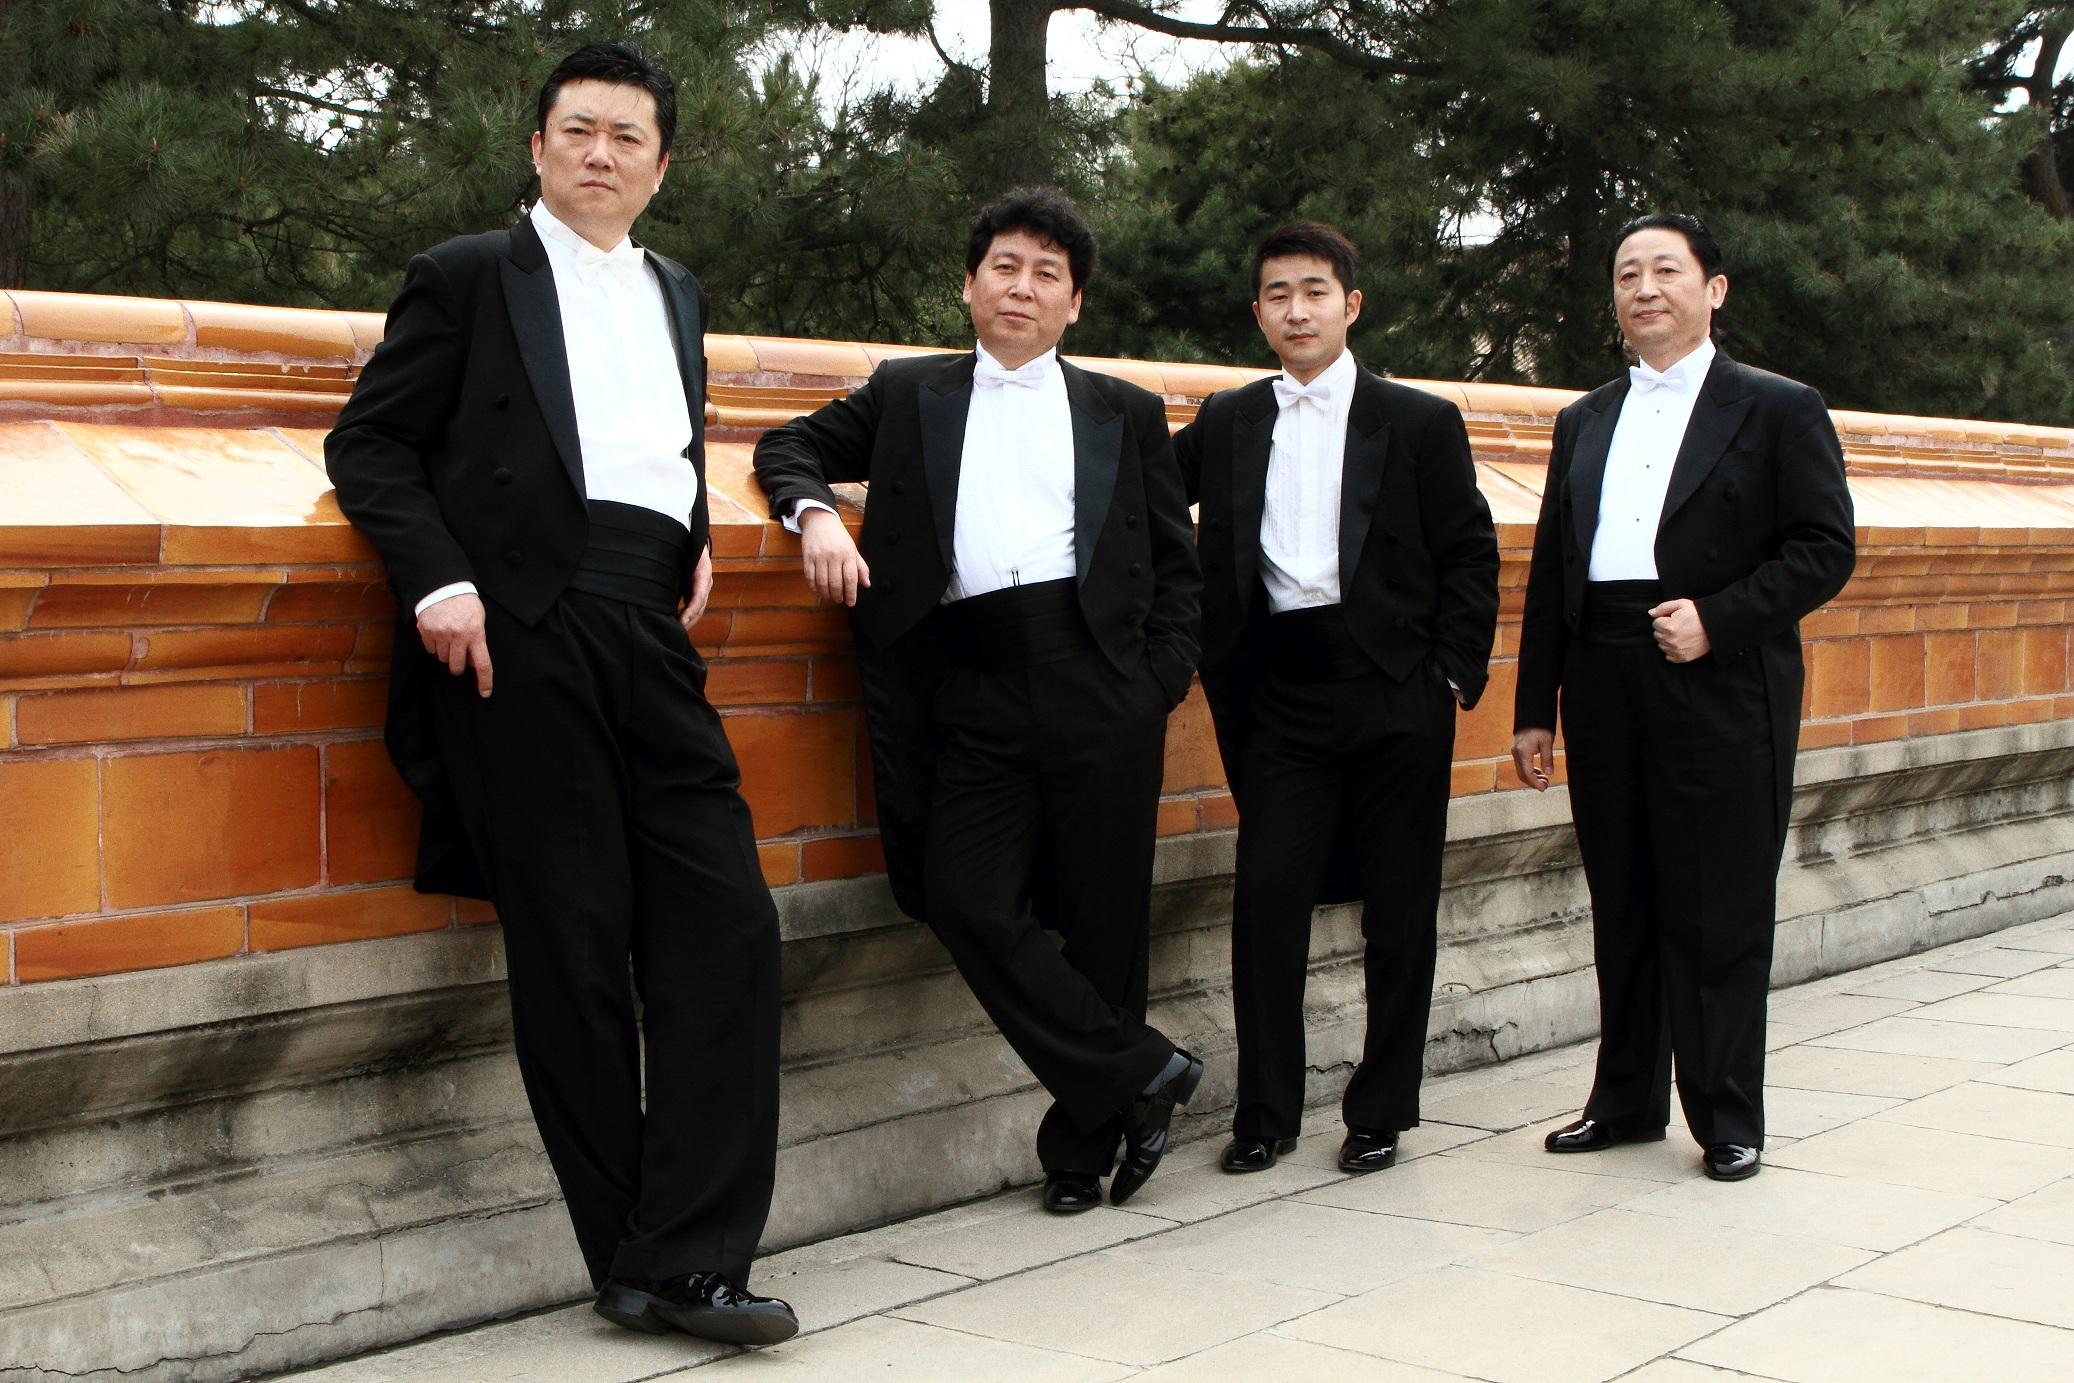 中国爱乐弦乐四重奏与民乐音乐会